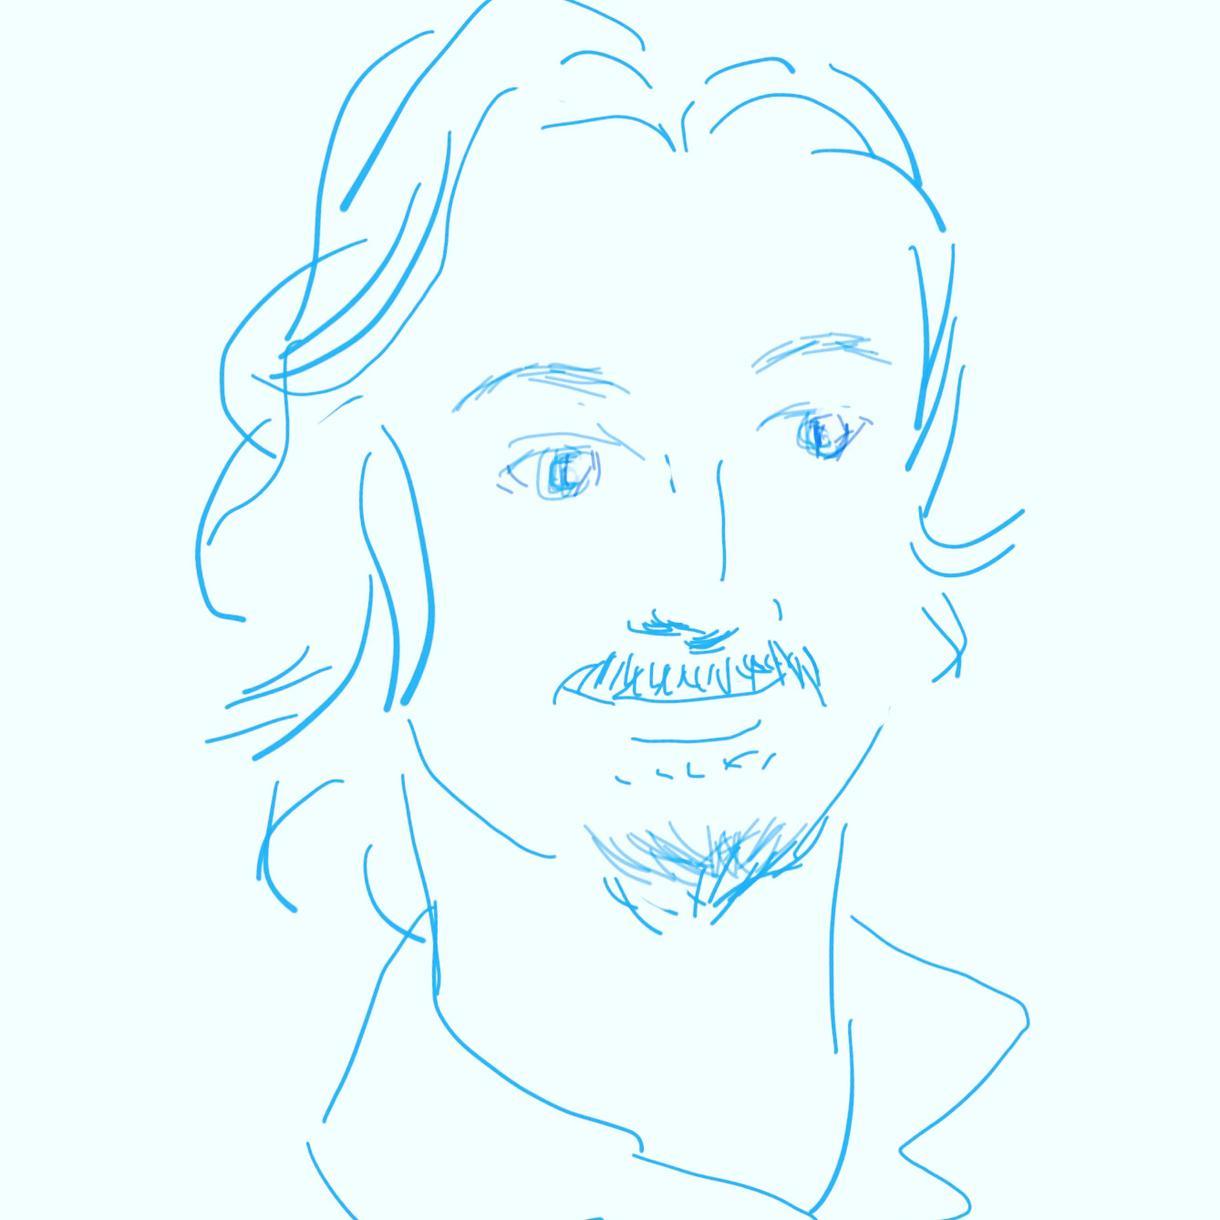 似顔絵アイコンを写真からお描きします レトロな雰囲気のイラストをアイコンにしてみませんか? イメージ1